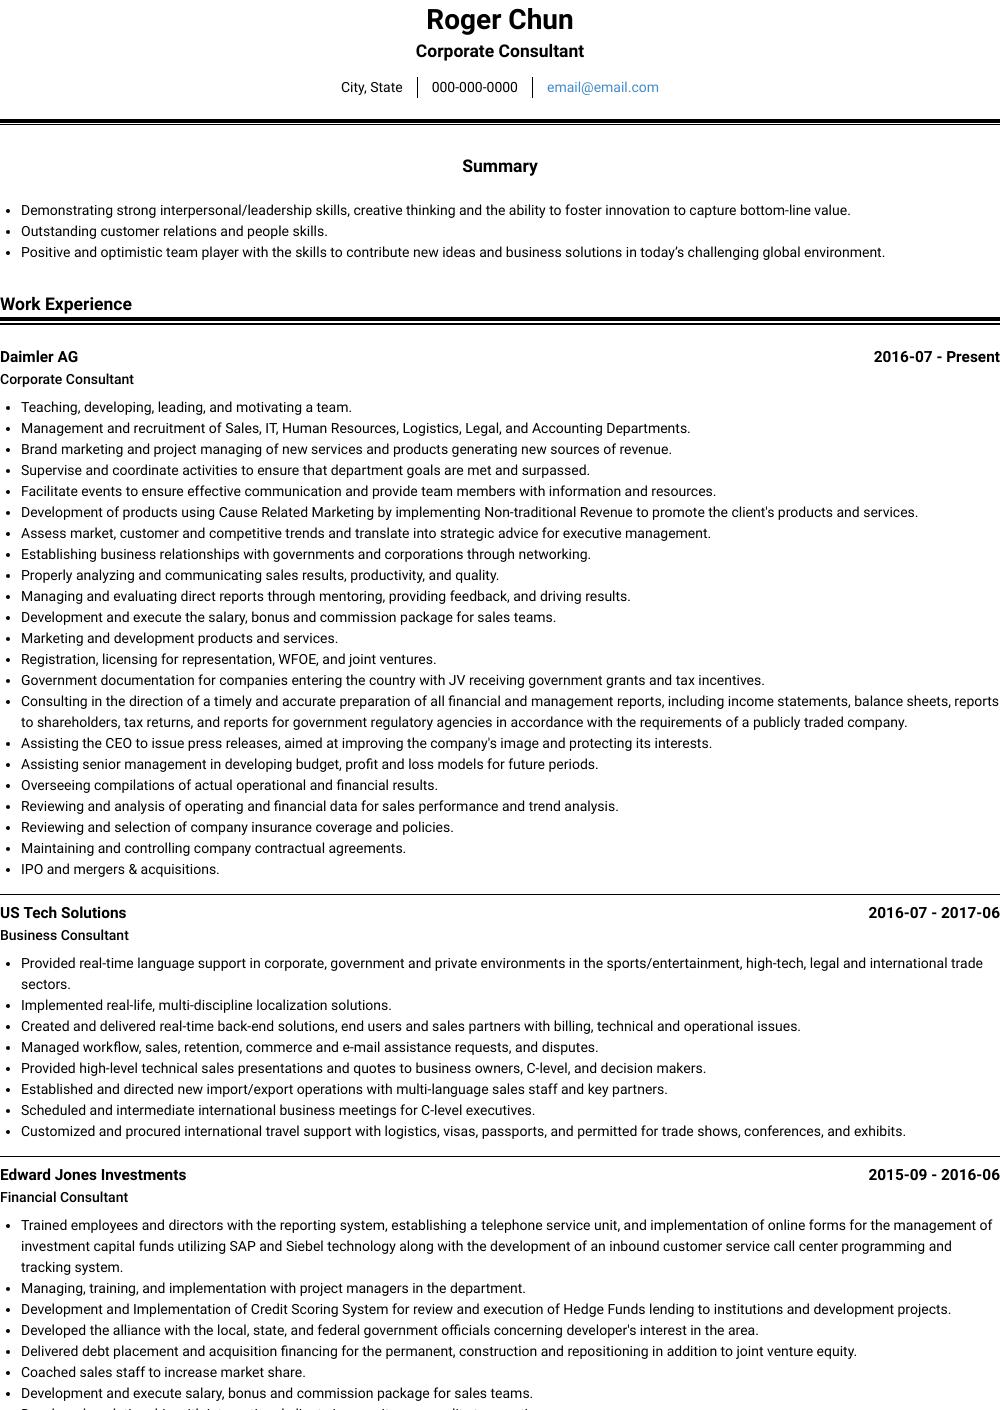 Corporate Consultant Resume Sample